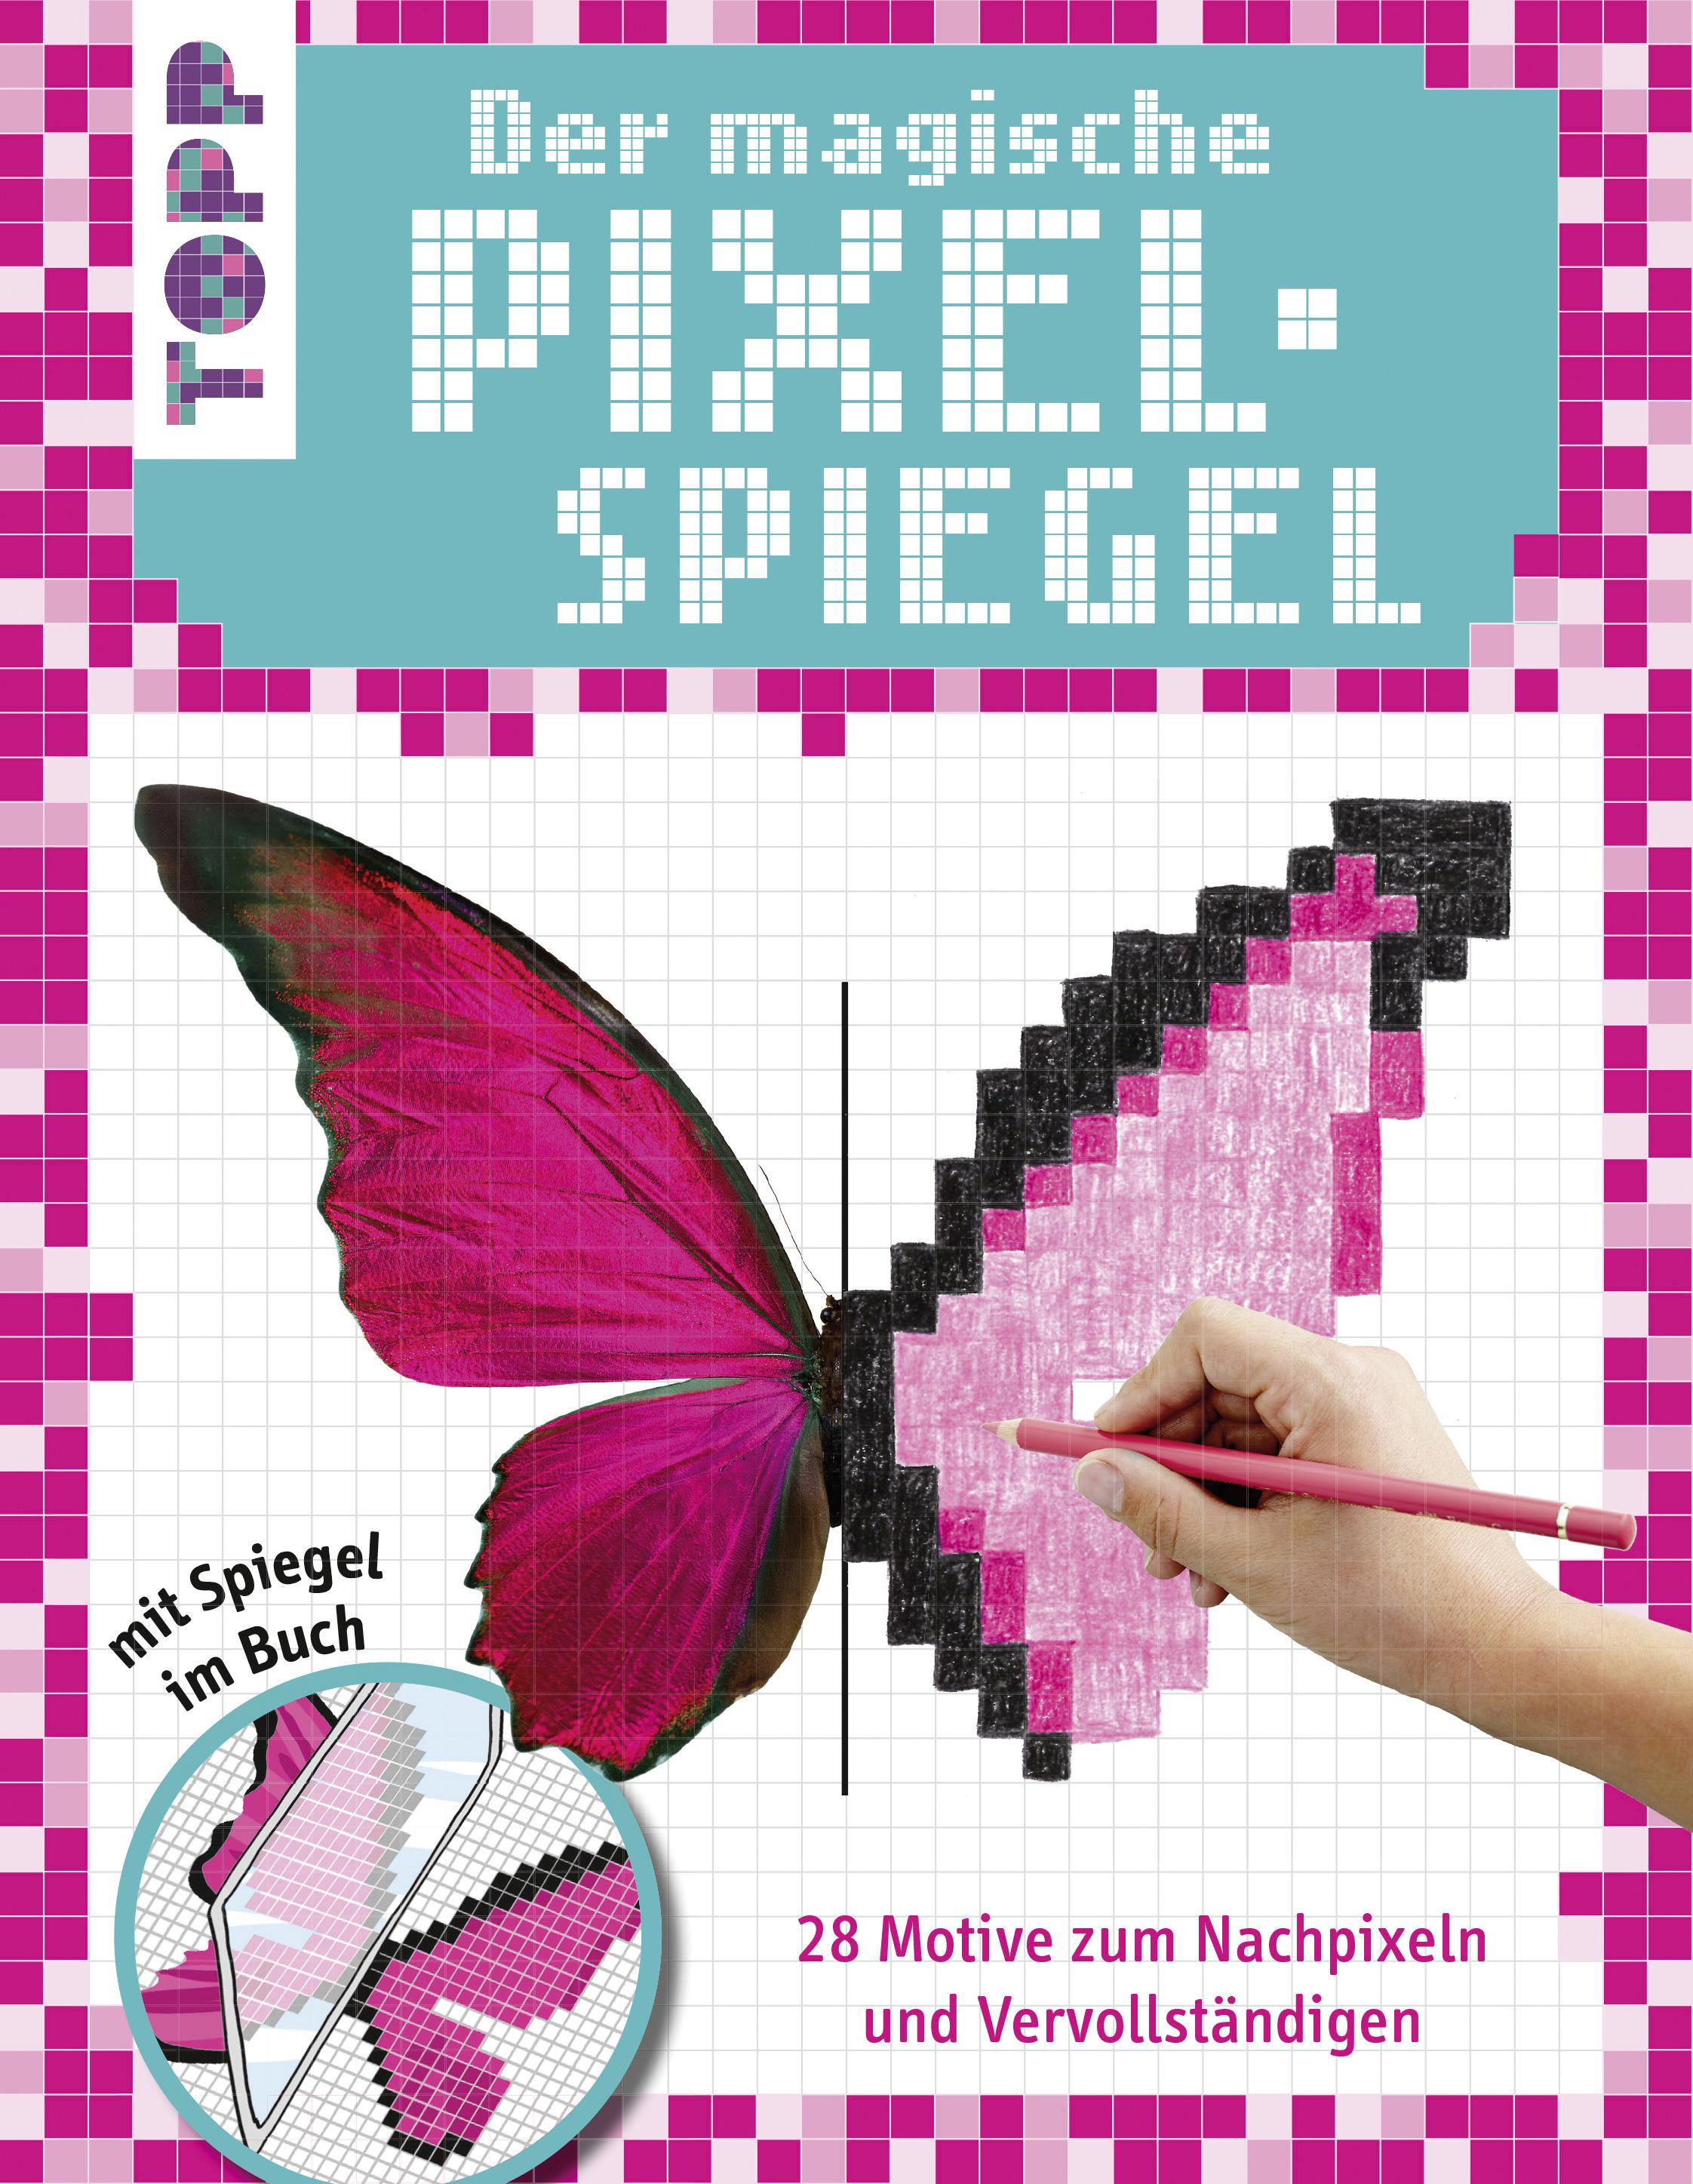 Der magische Pixel-Spiegel | LMS Lehrmittel-Service H.Späth GmbH